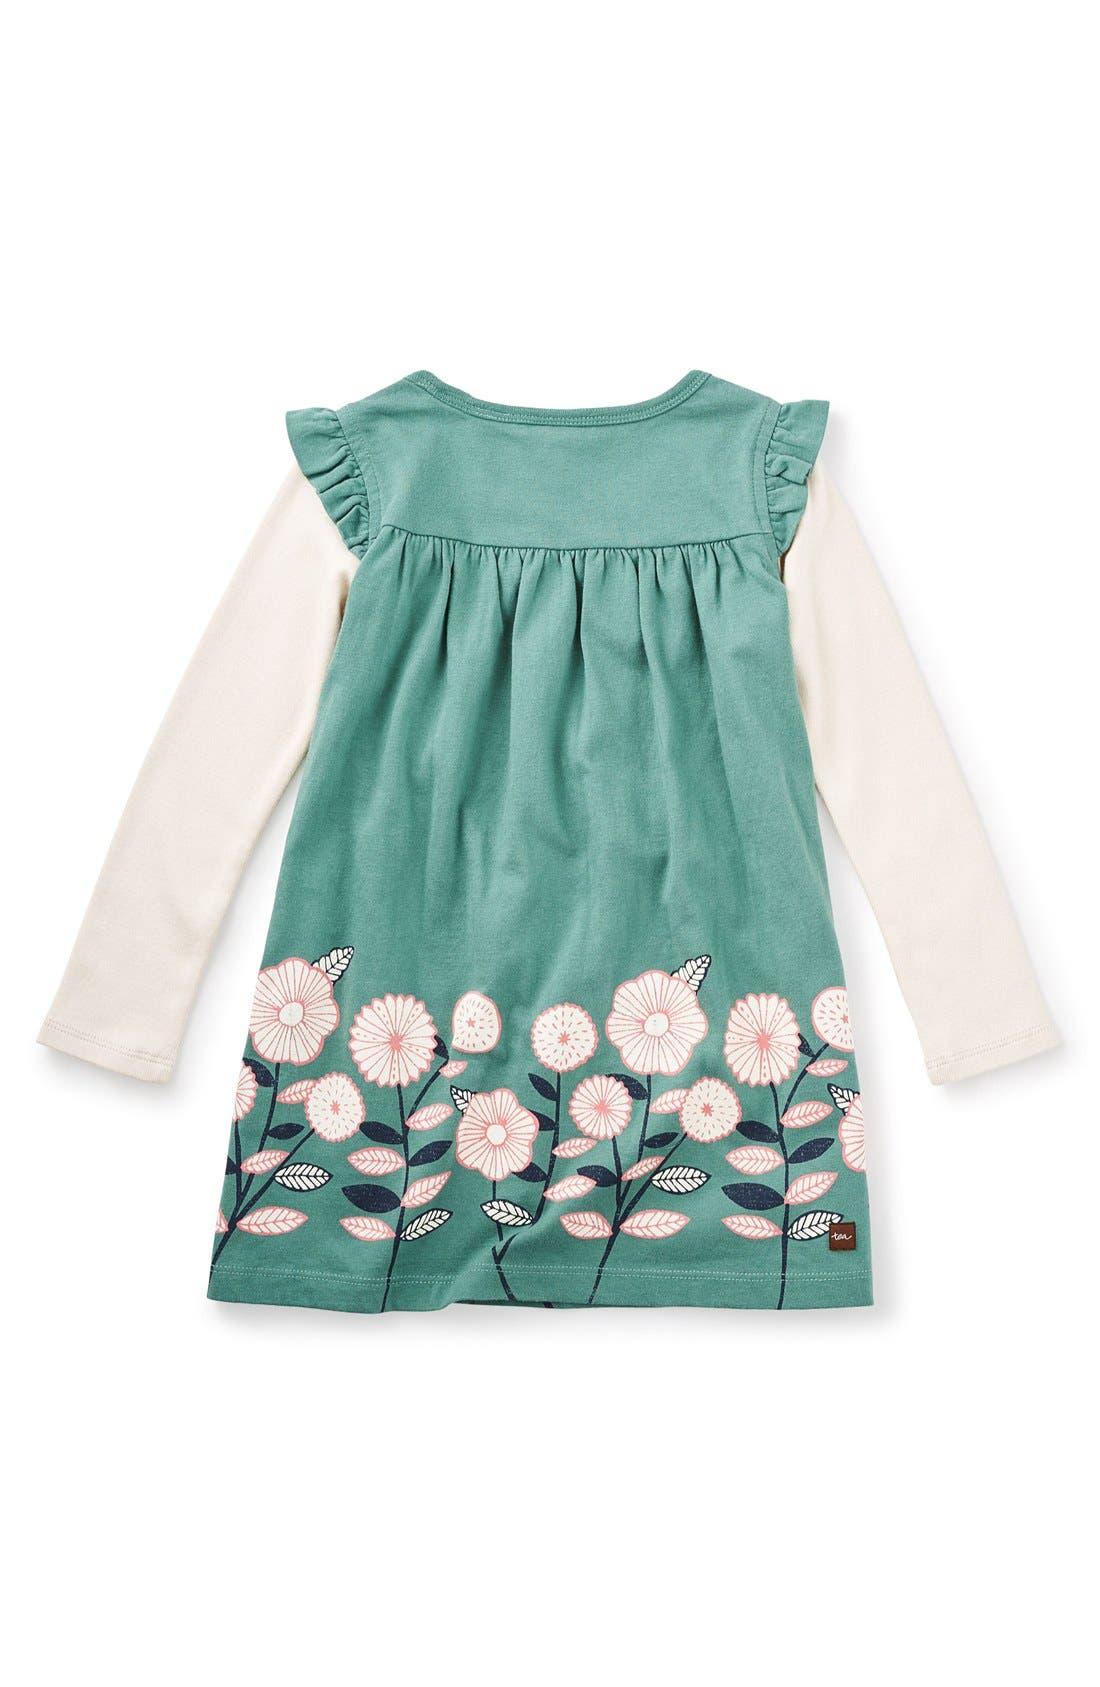 Alternate Image 2  - Tea Collection 'Midori - Double Decker' Layered Dress (Toddler Girls, Little Girls & Big Girls)